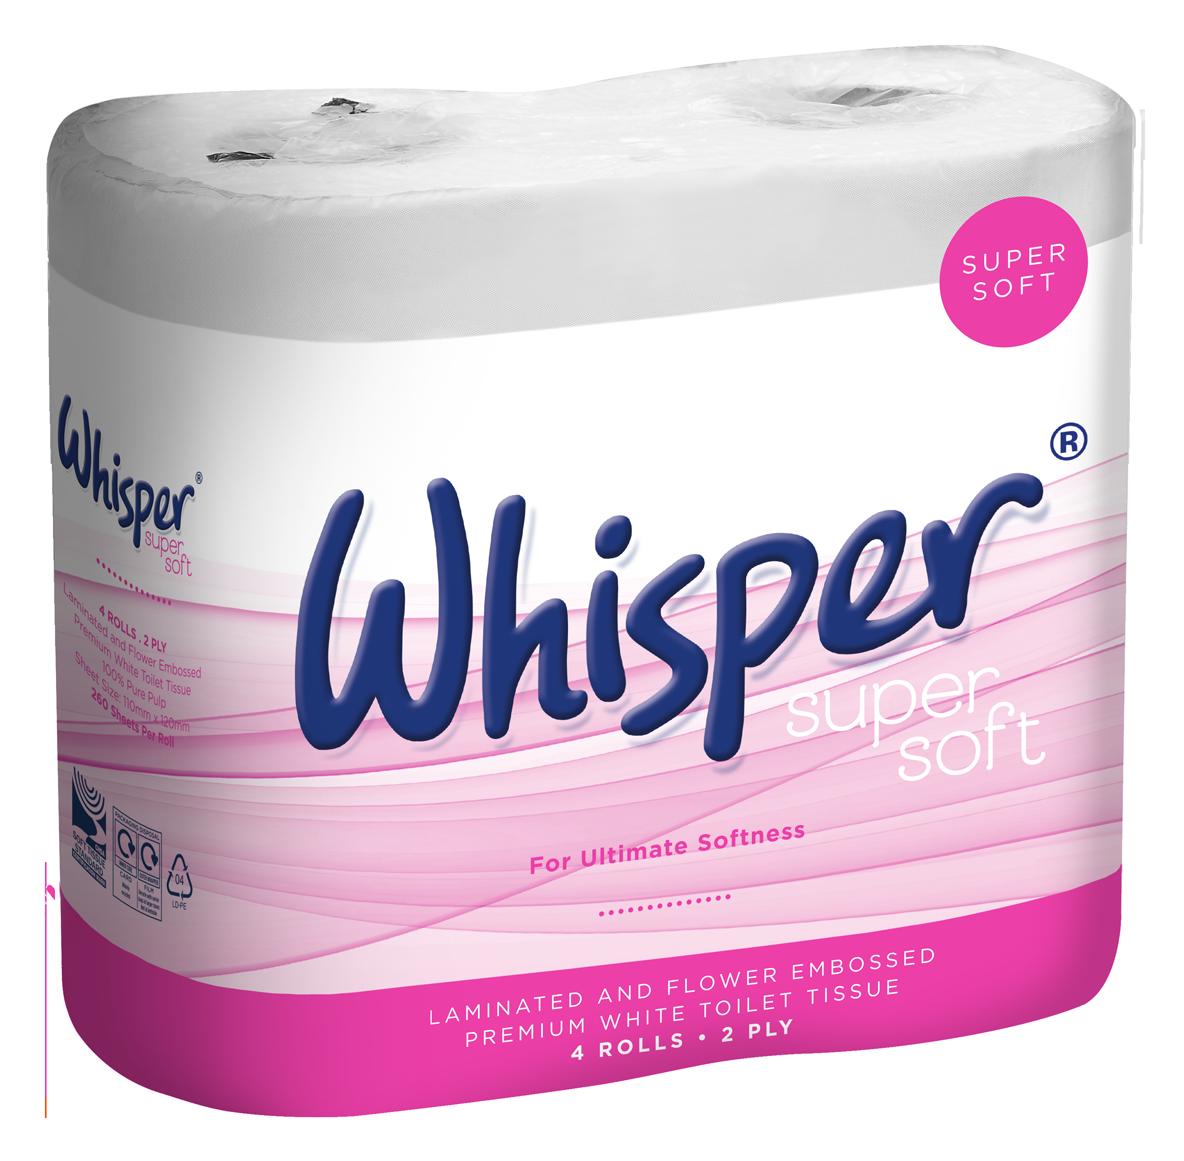 Whisper Super Soft